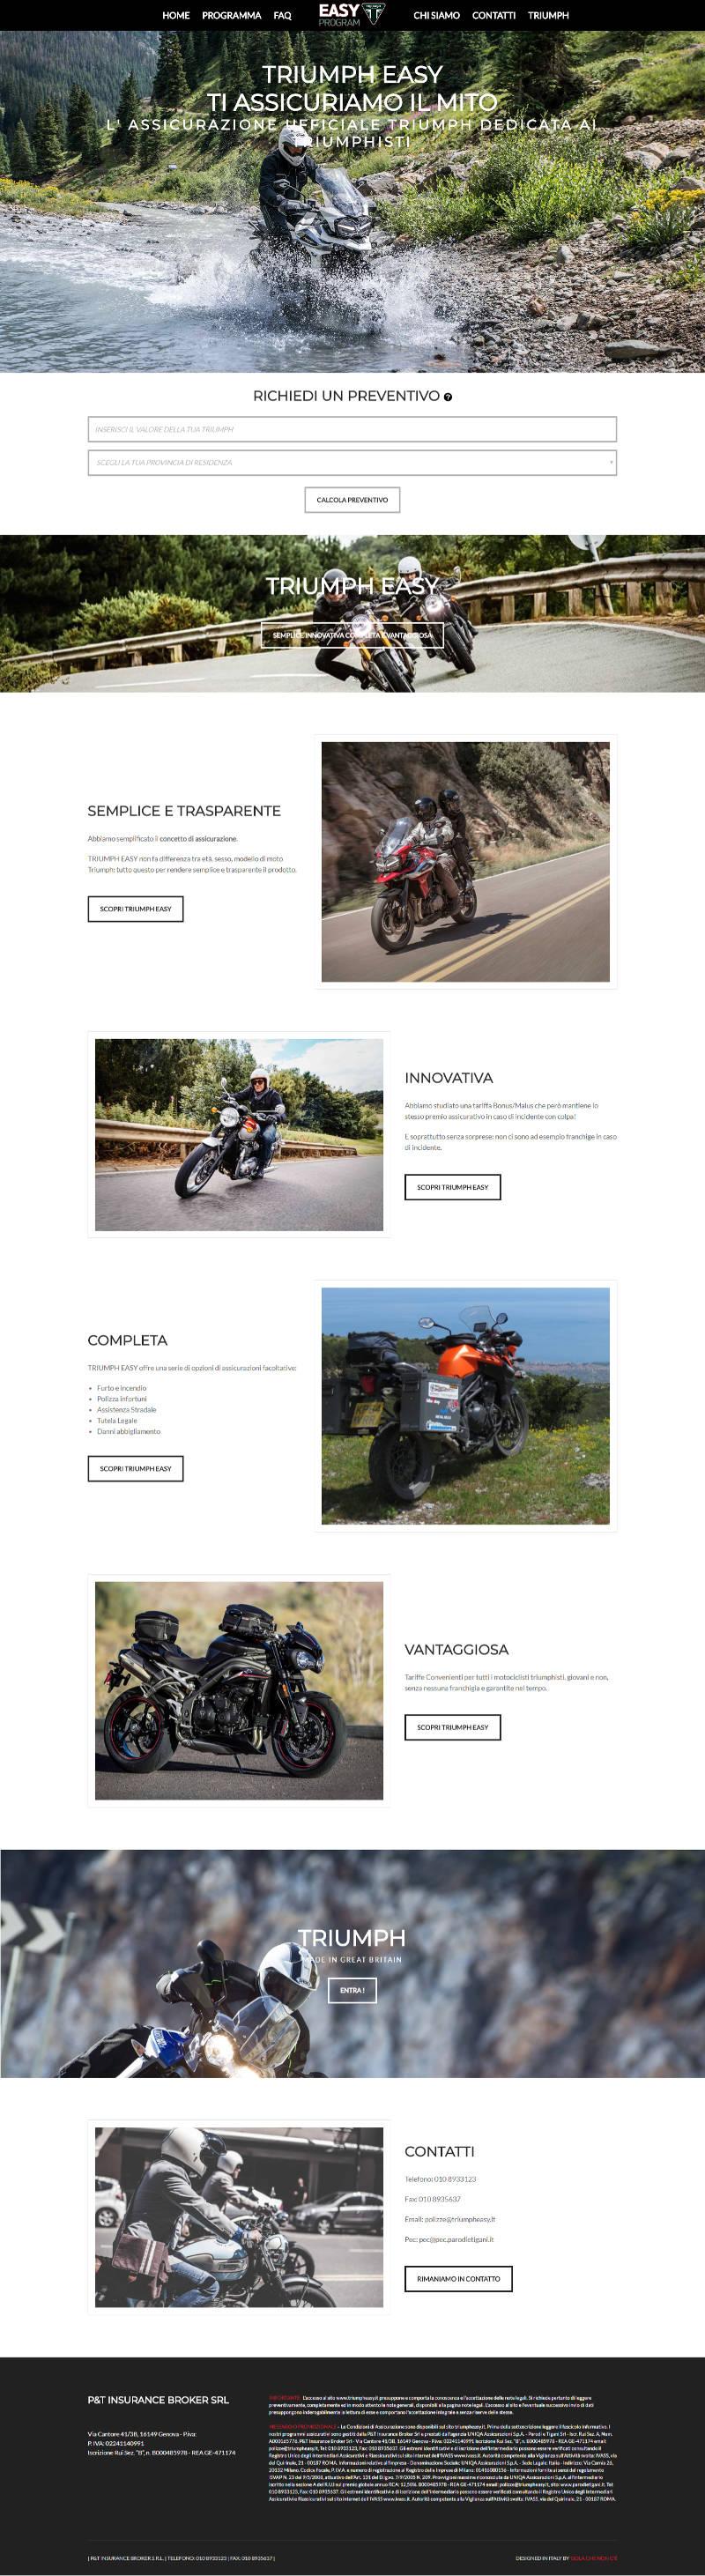 Triumph Easy Assicurazione Ufficiale Triumph!